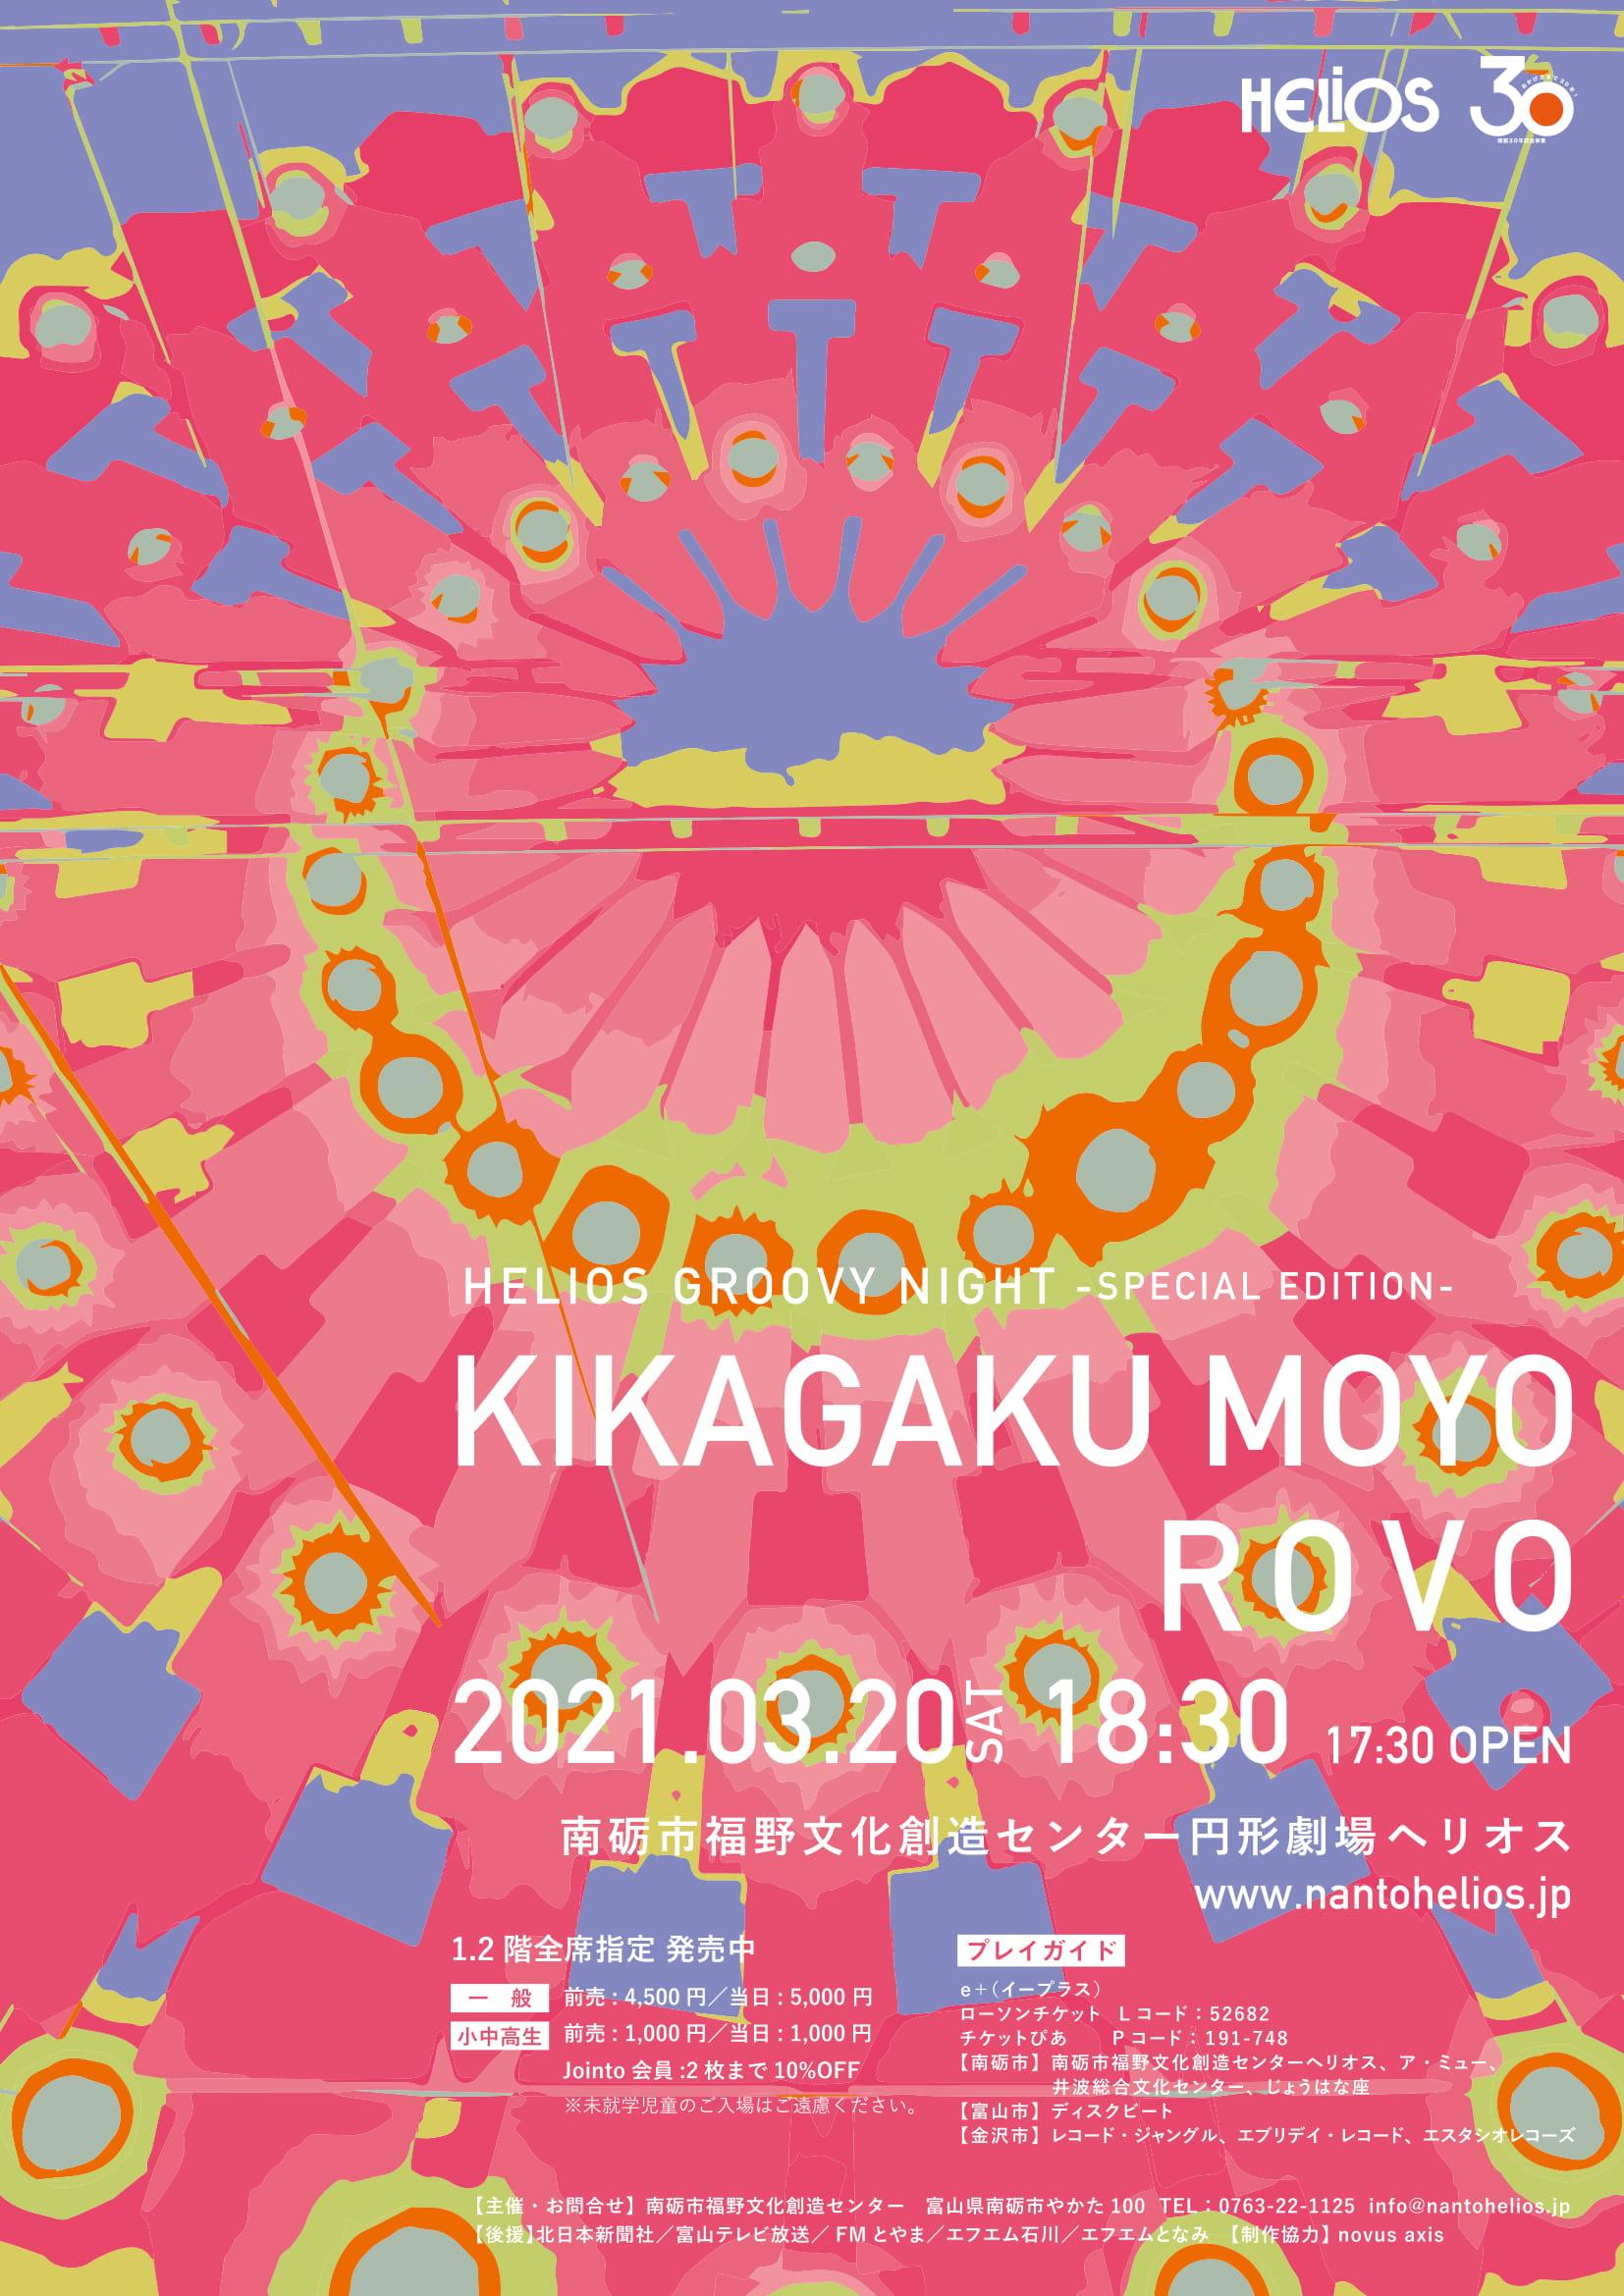 【3/20(土)開催】ヘリオス・グルーヴィーナイト番外編 KIKAGAKU MOYO×ROVOの画像